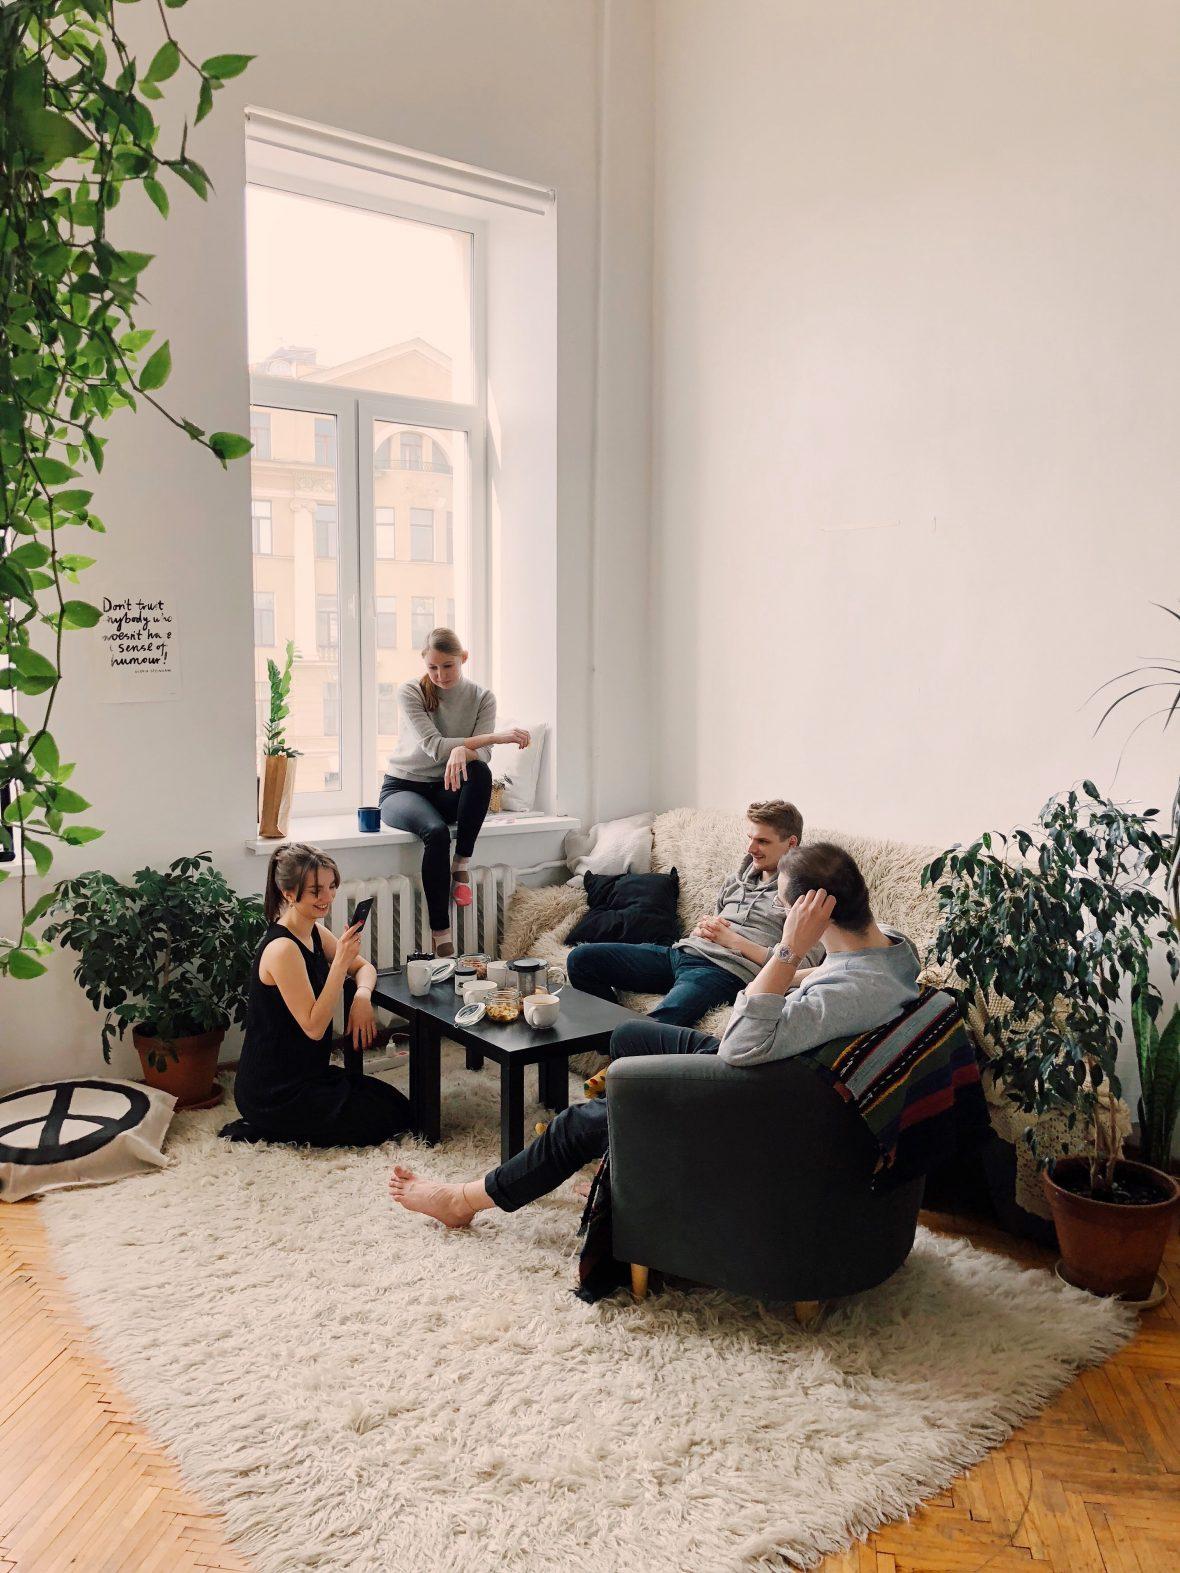 ¿Cuándo deben pagar el inquilino y propietario?